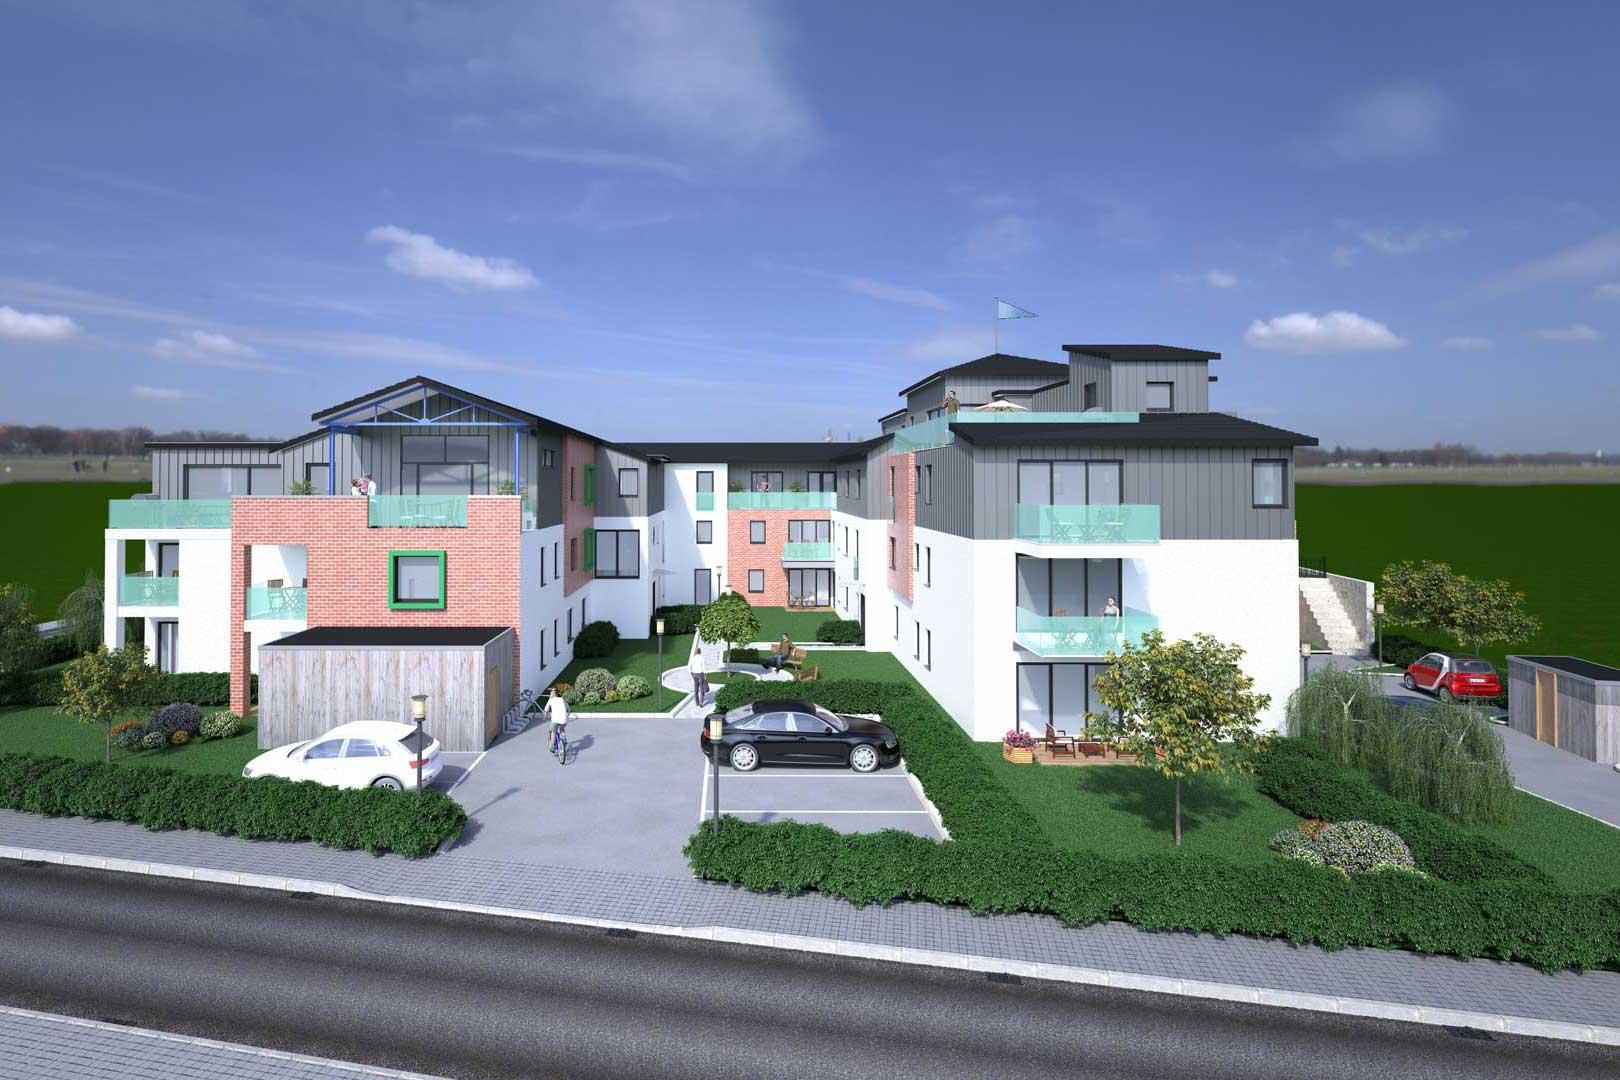 Mehrfamilienhaus für exklusives Wohnen in Winsen Aller